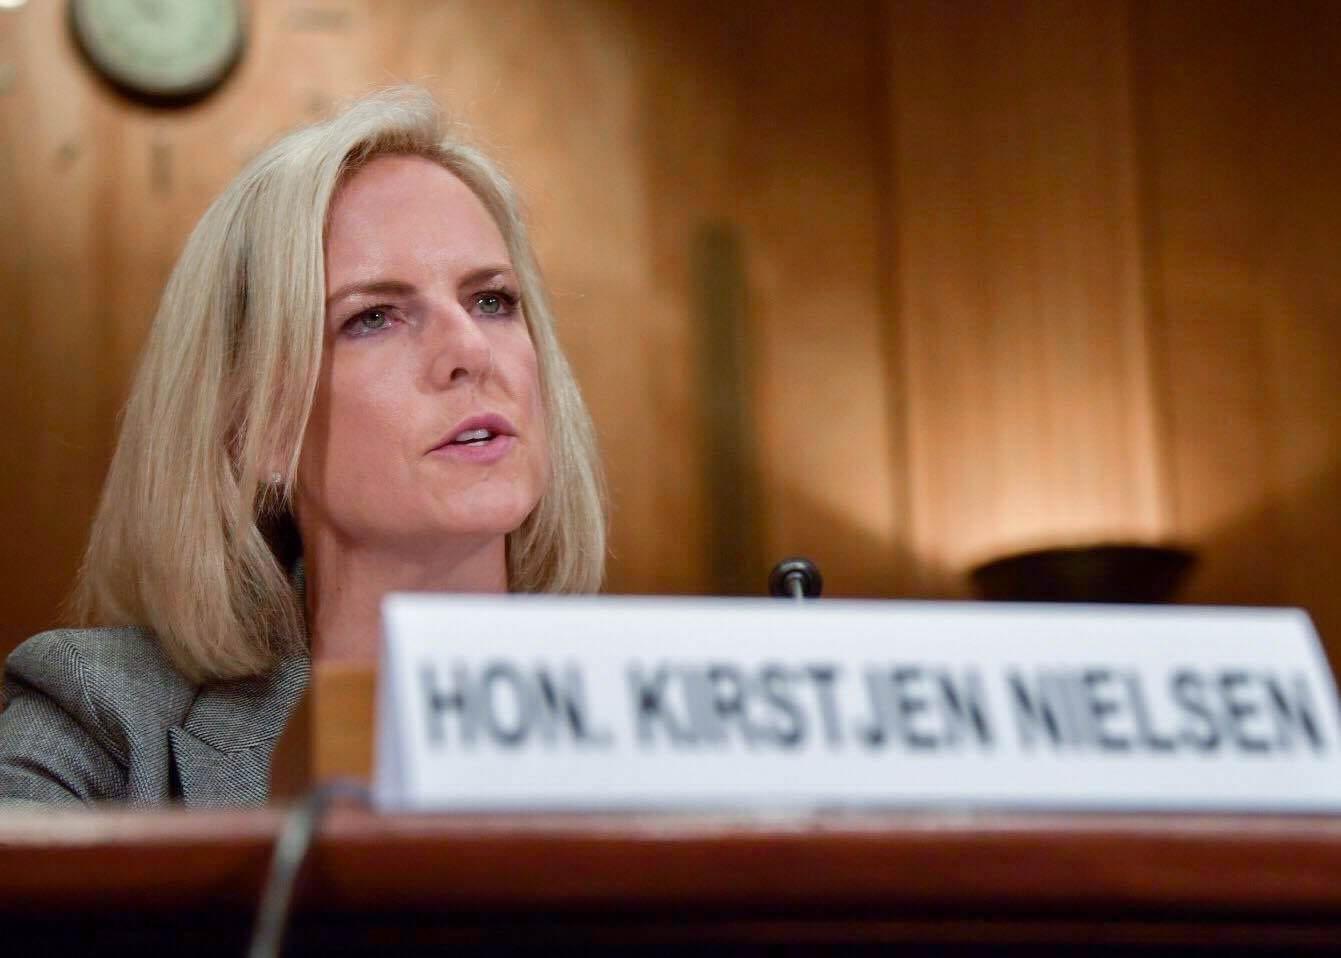 Министр внутренней безопасности США Нильсен подала в отставку